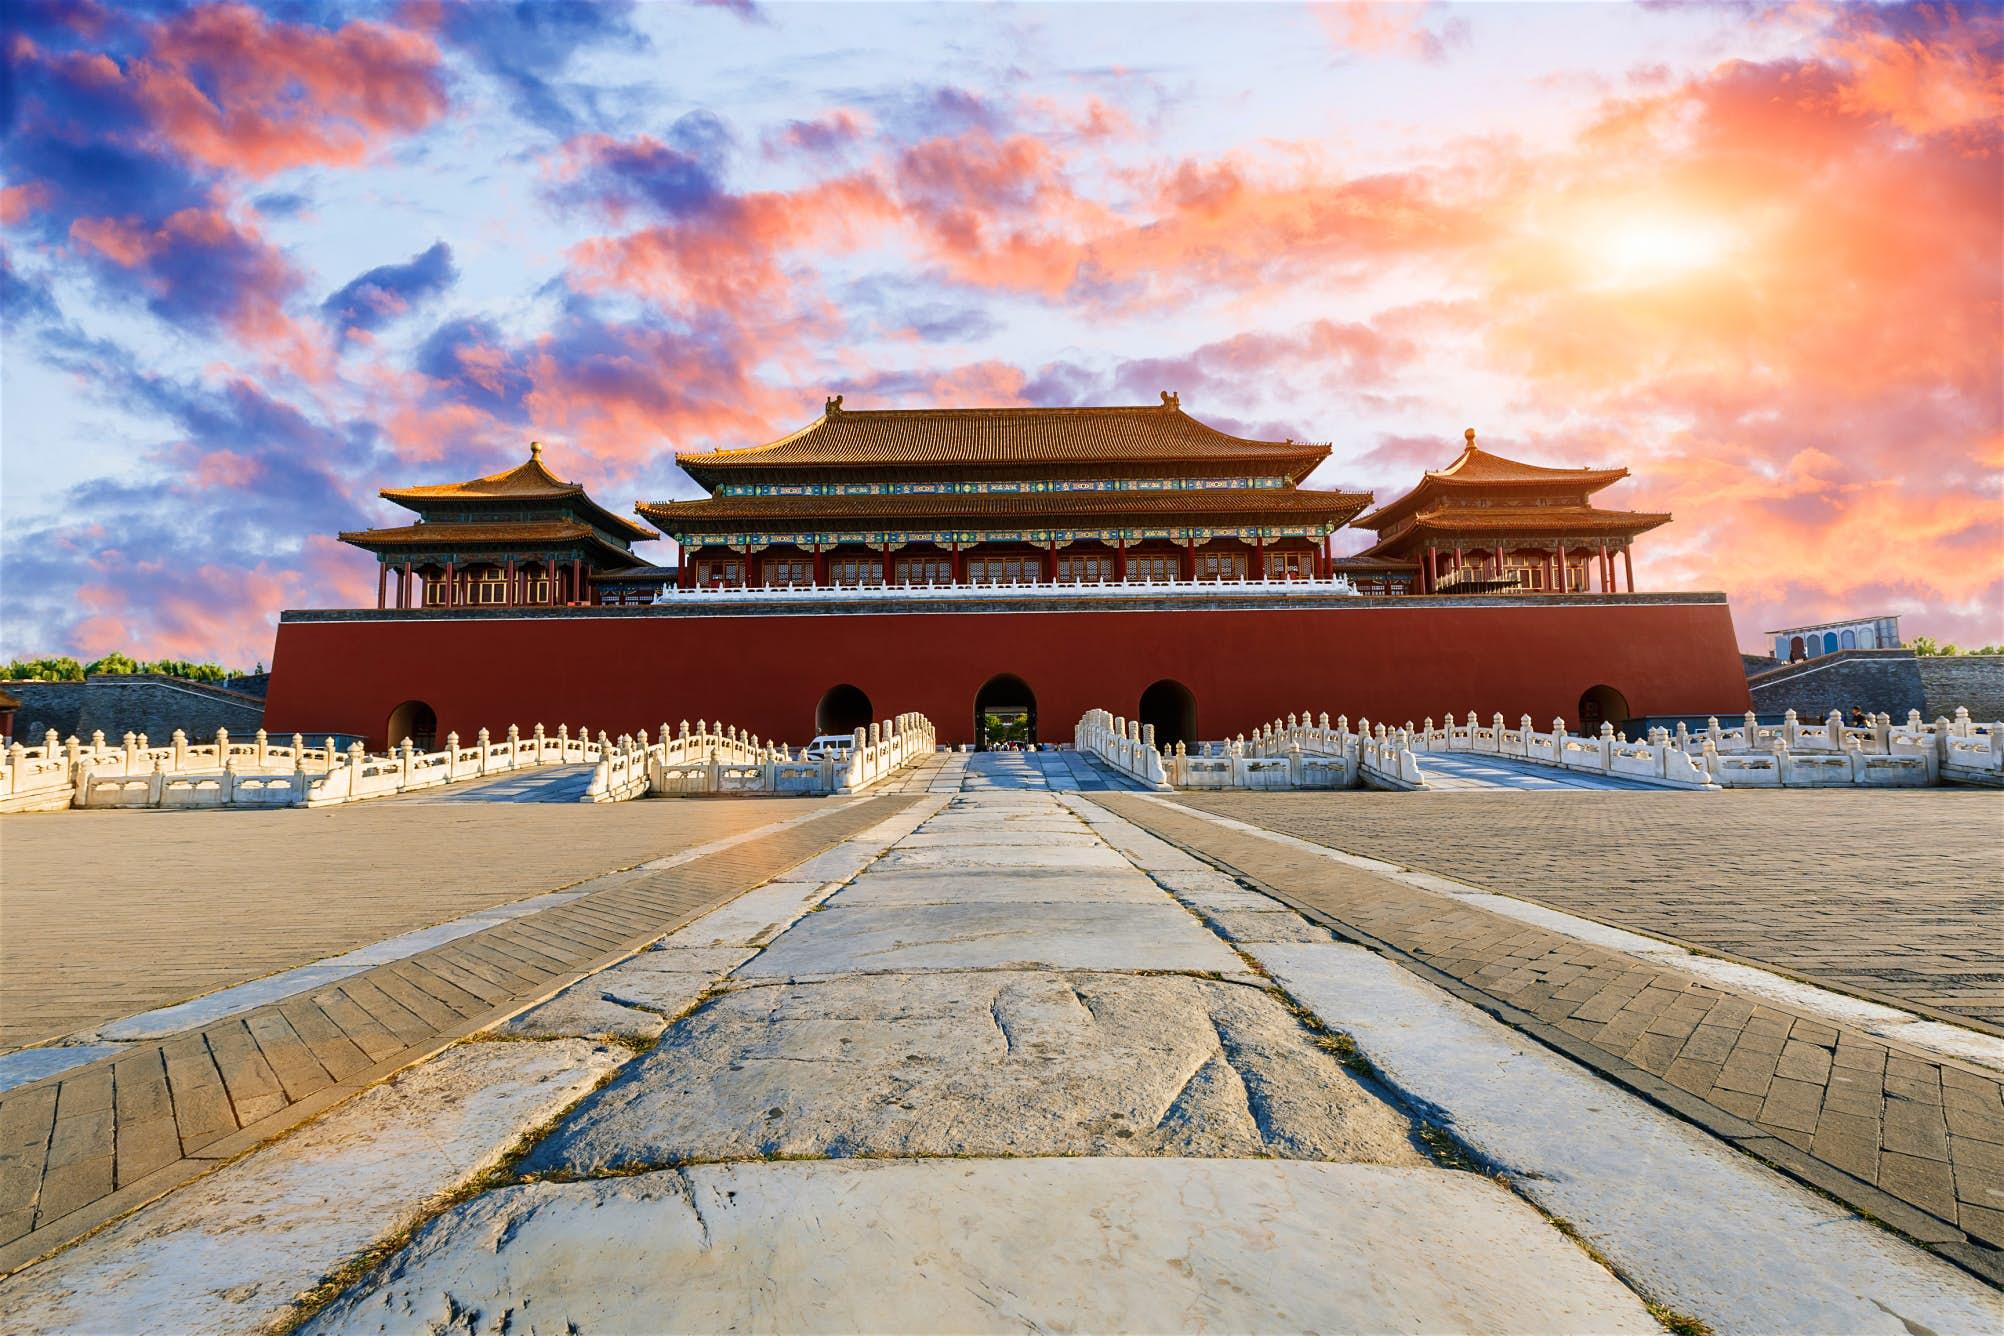 Trung Quốc xinh đẹp, rộng lớn và chứa đựng bao điều kì lạ